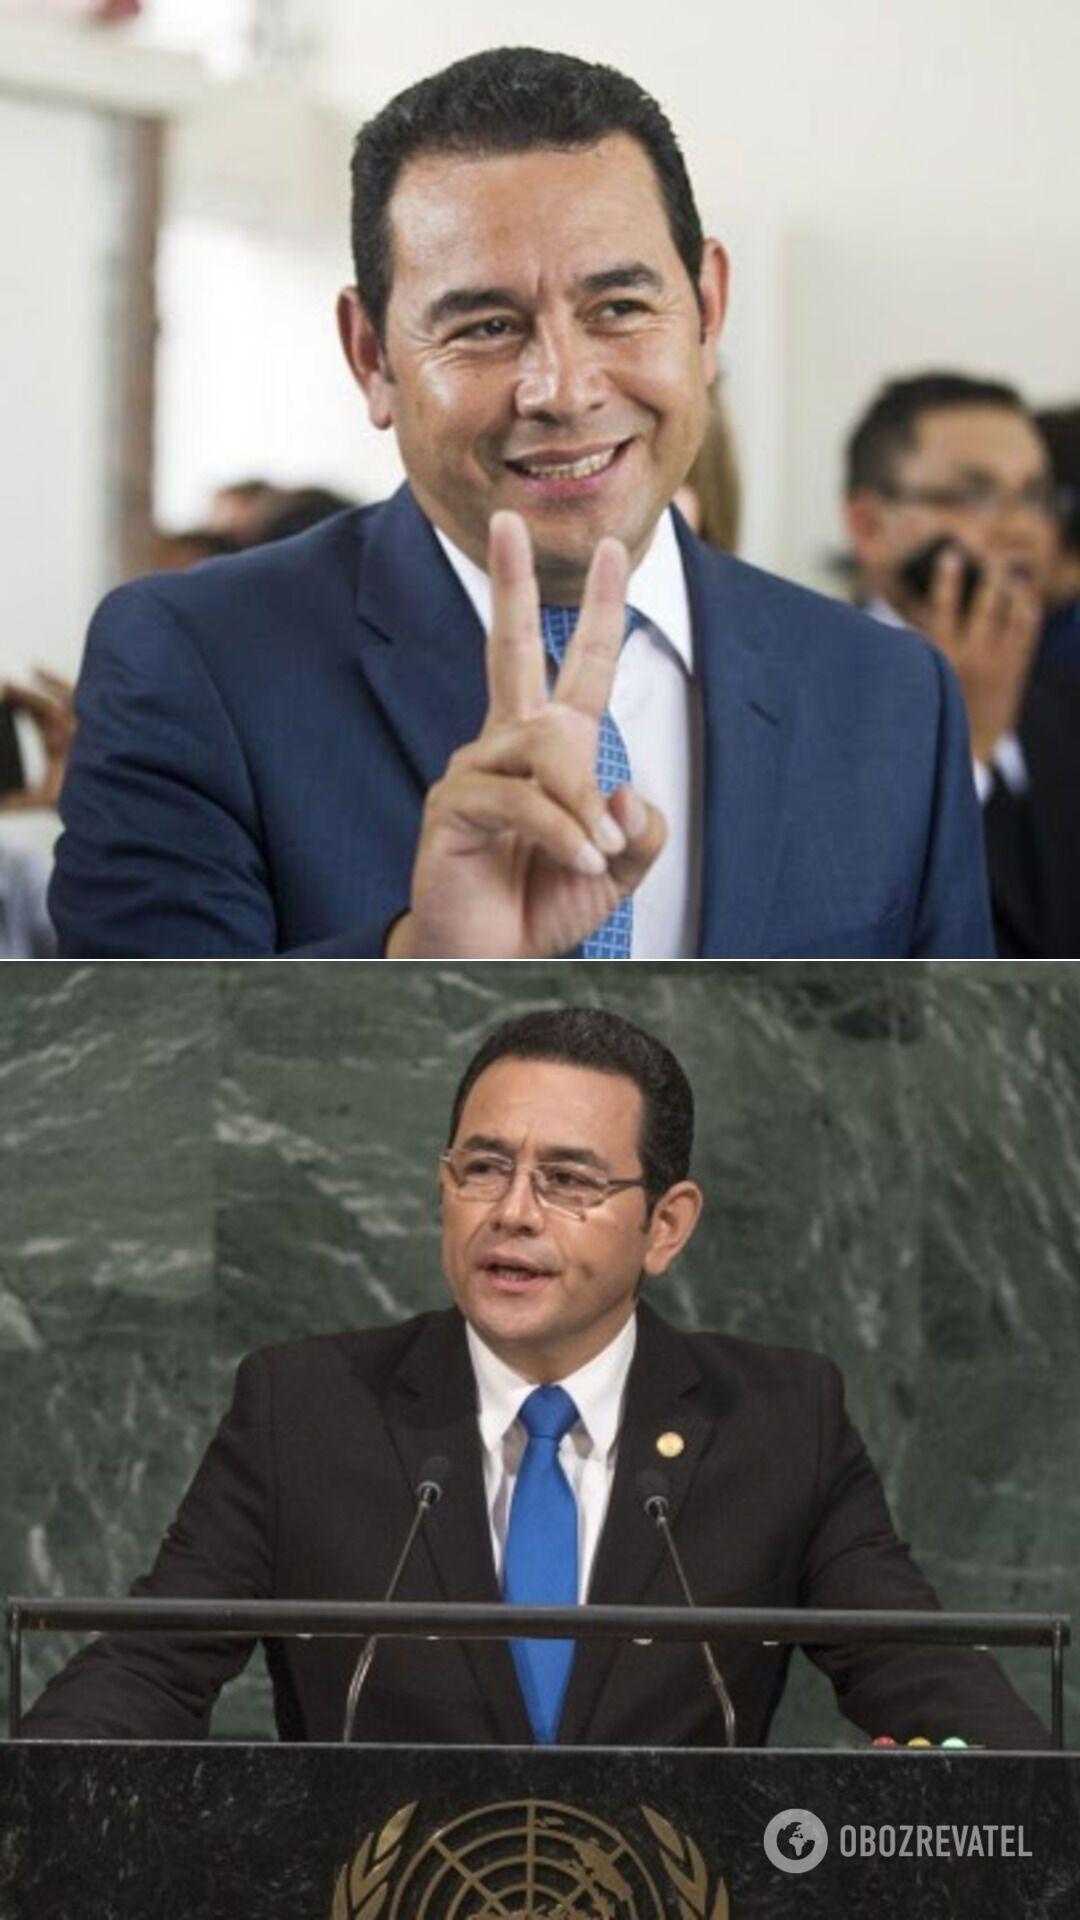 Комик Джимми Моралес – президент Гватемалы (с января 2016 года по январь 2020-го)